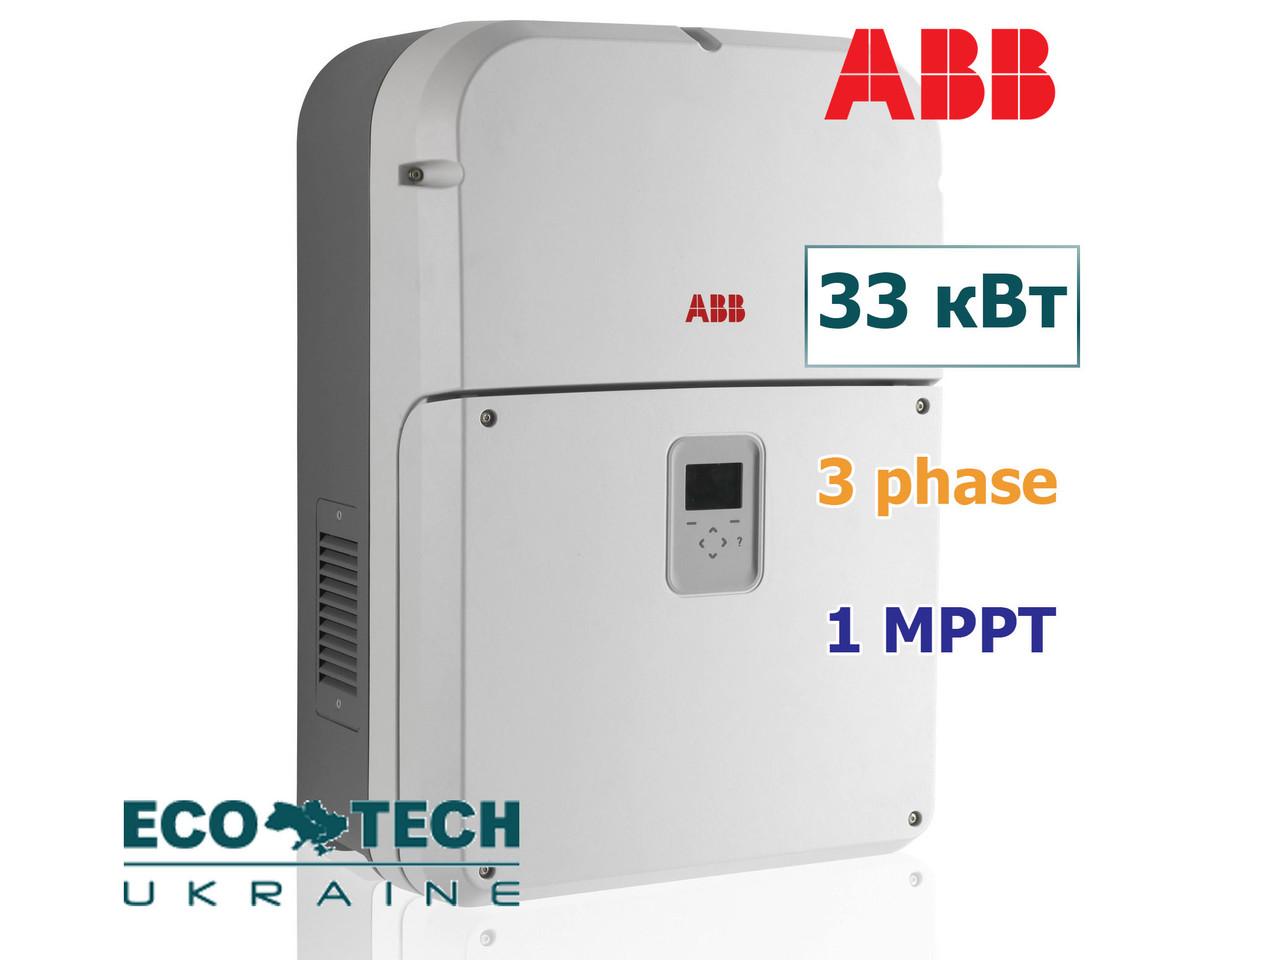 Инвертор солнечный АВВ PRO-33.0-TL-OUTD-400 (33 кВт, 3 фазы, 1 трекер)